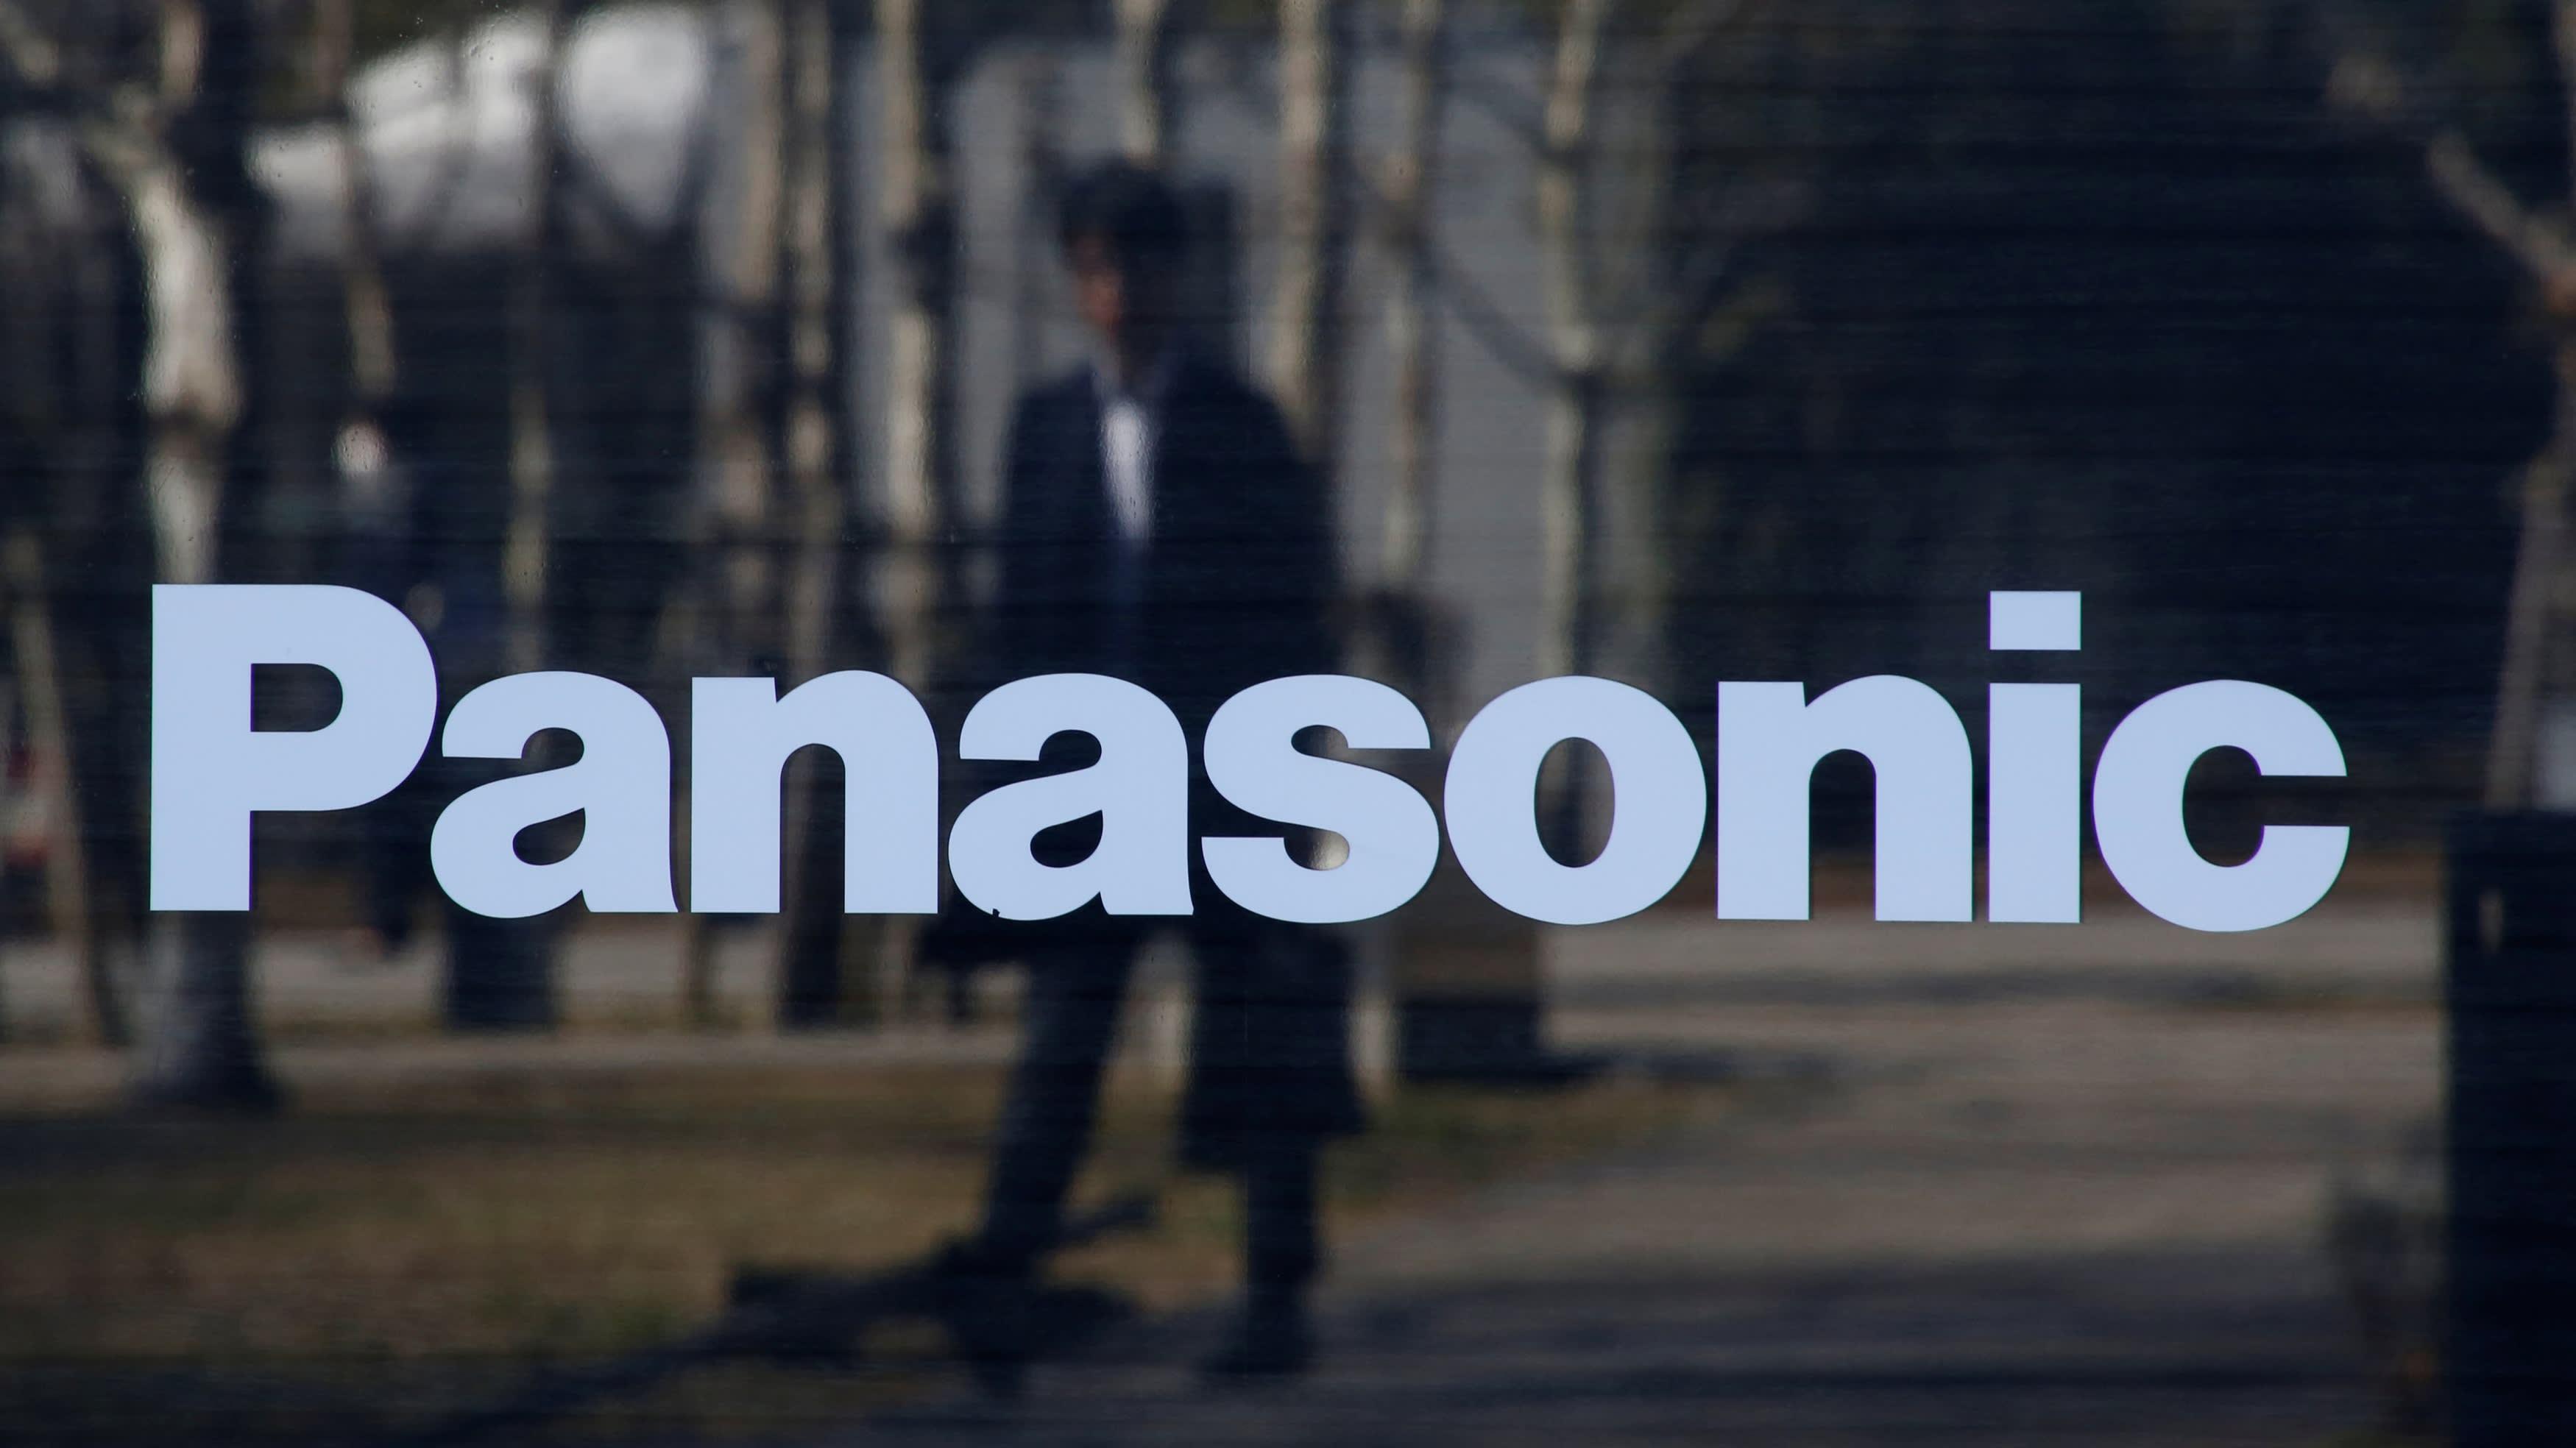 Panasonic chuyển dây chuyền sản xuất đồ gia dụng từ Thái Lan sang Việt Nam - Ảnh 1.